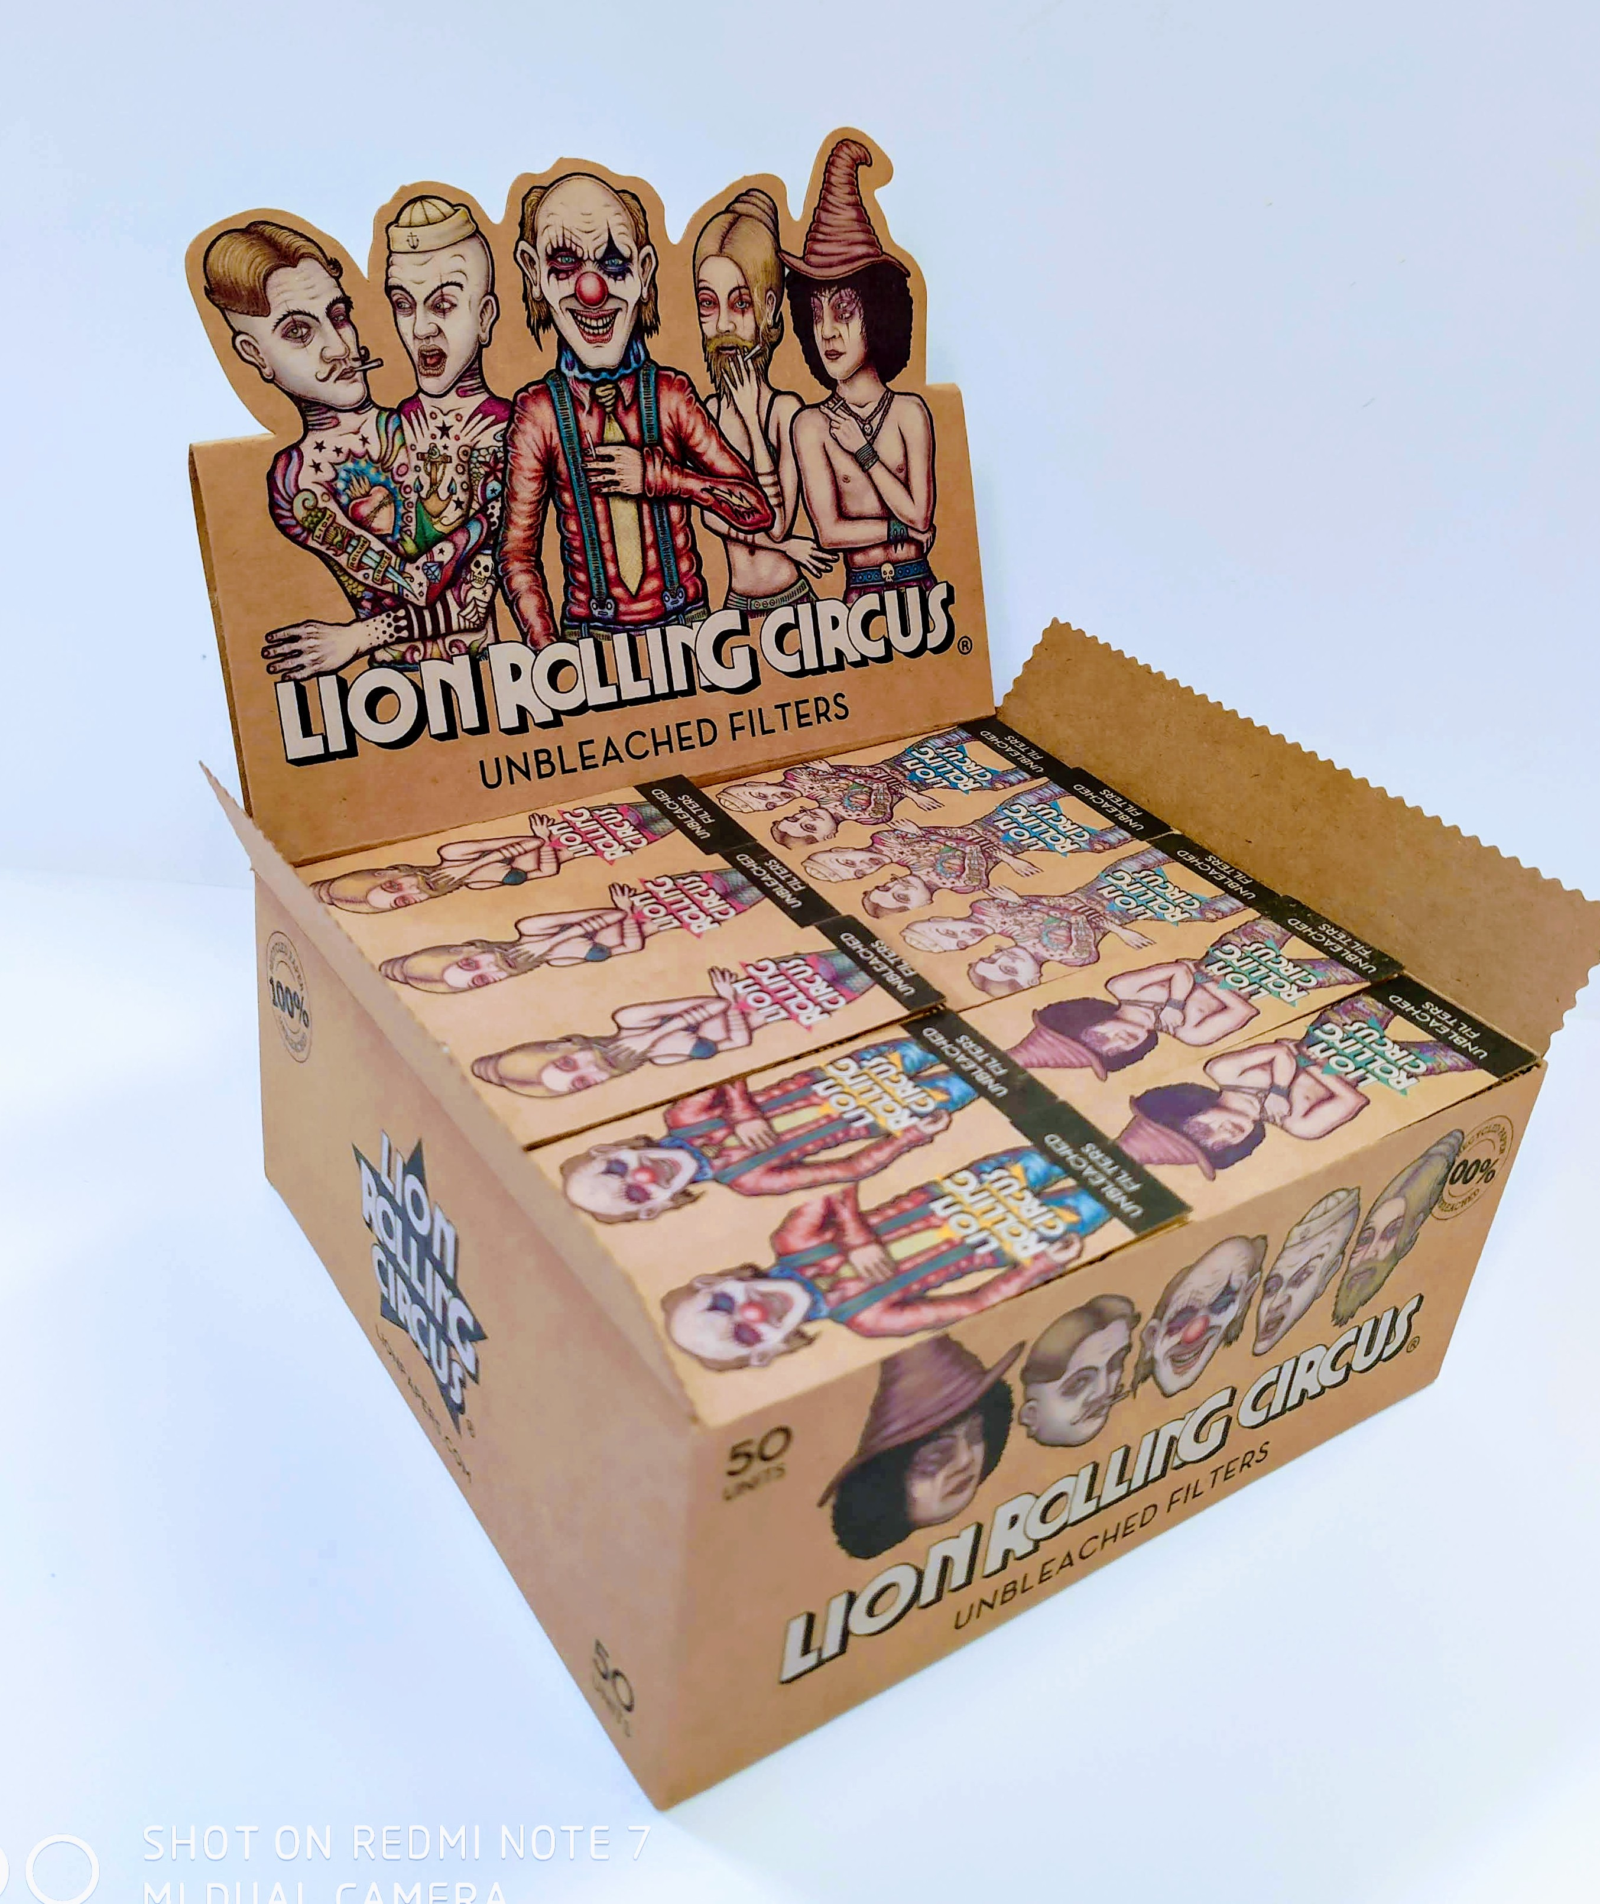 Filtros de Carton Troquelados Lion Rolling Circus